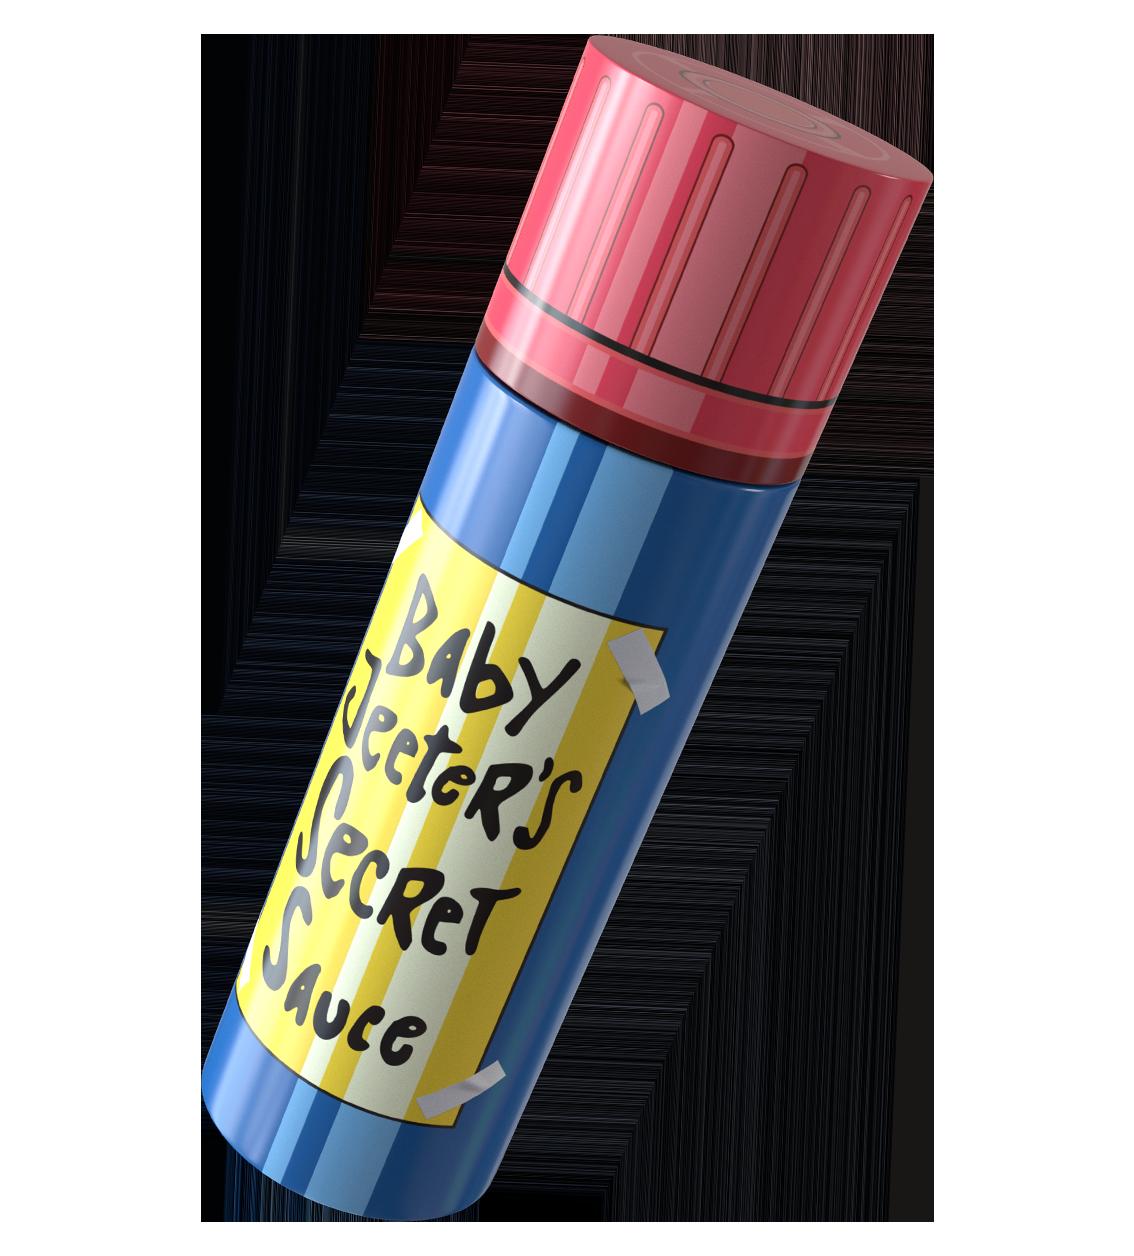 Baby jeeter bottle